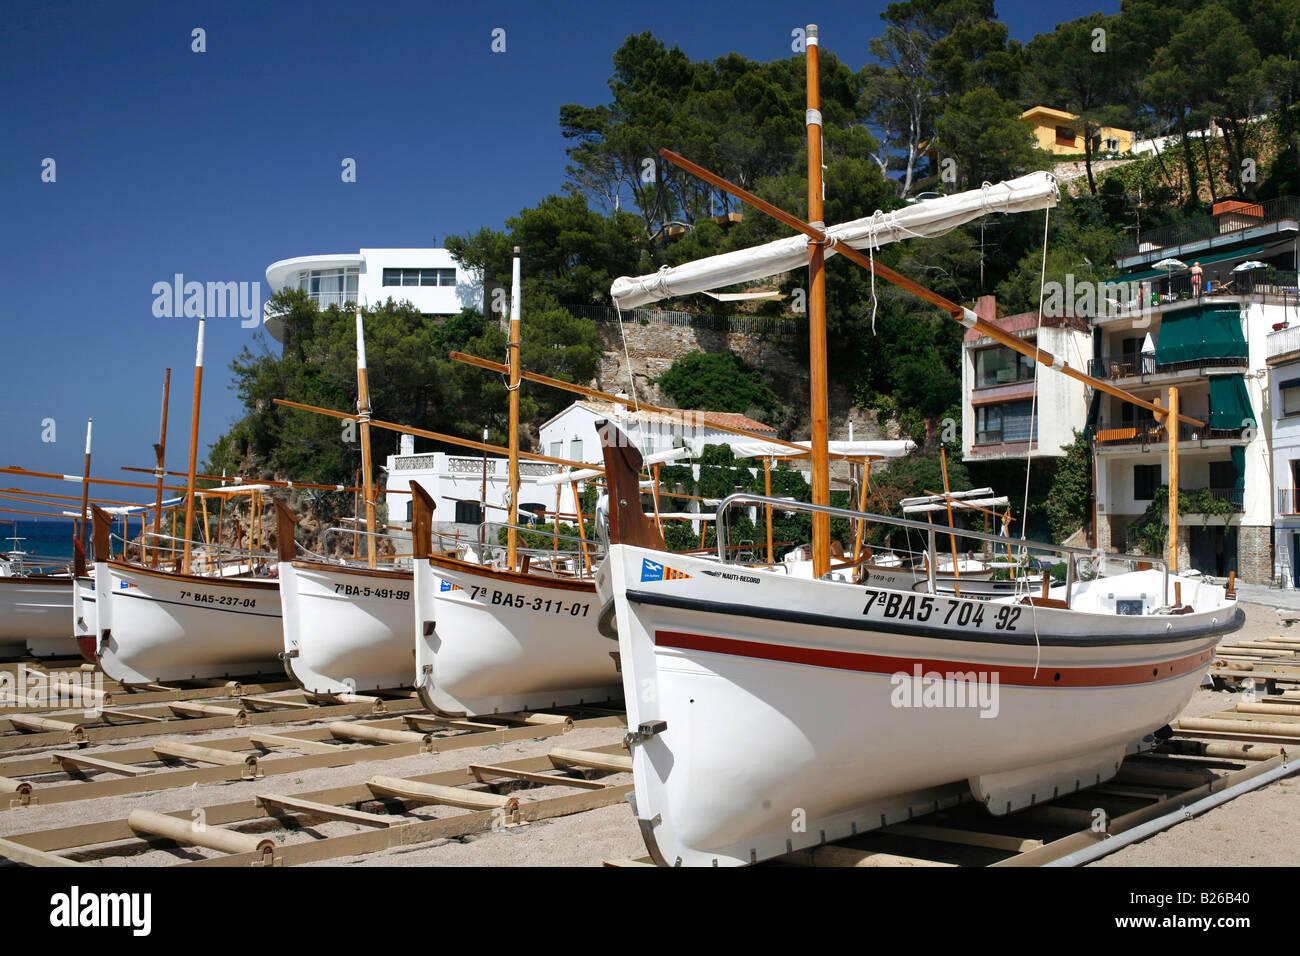 Catalonian Fishing boats, Sa Riera, Costa Brava, Catalonia, Spain - Stock Image